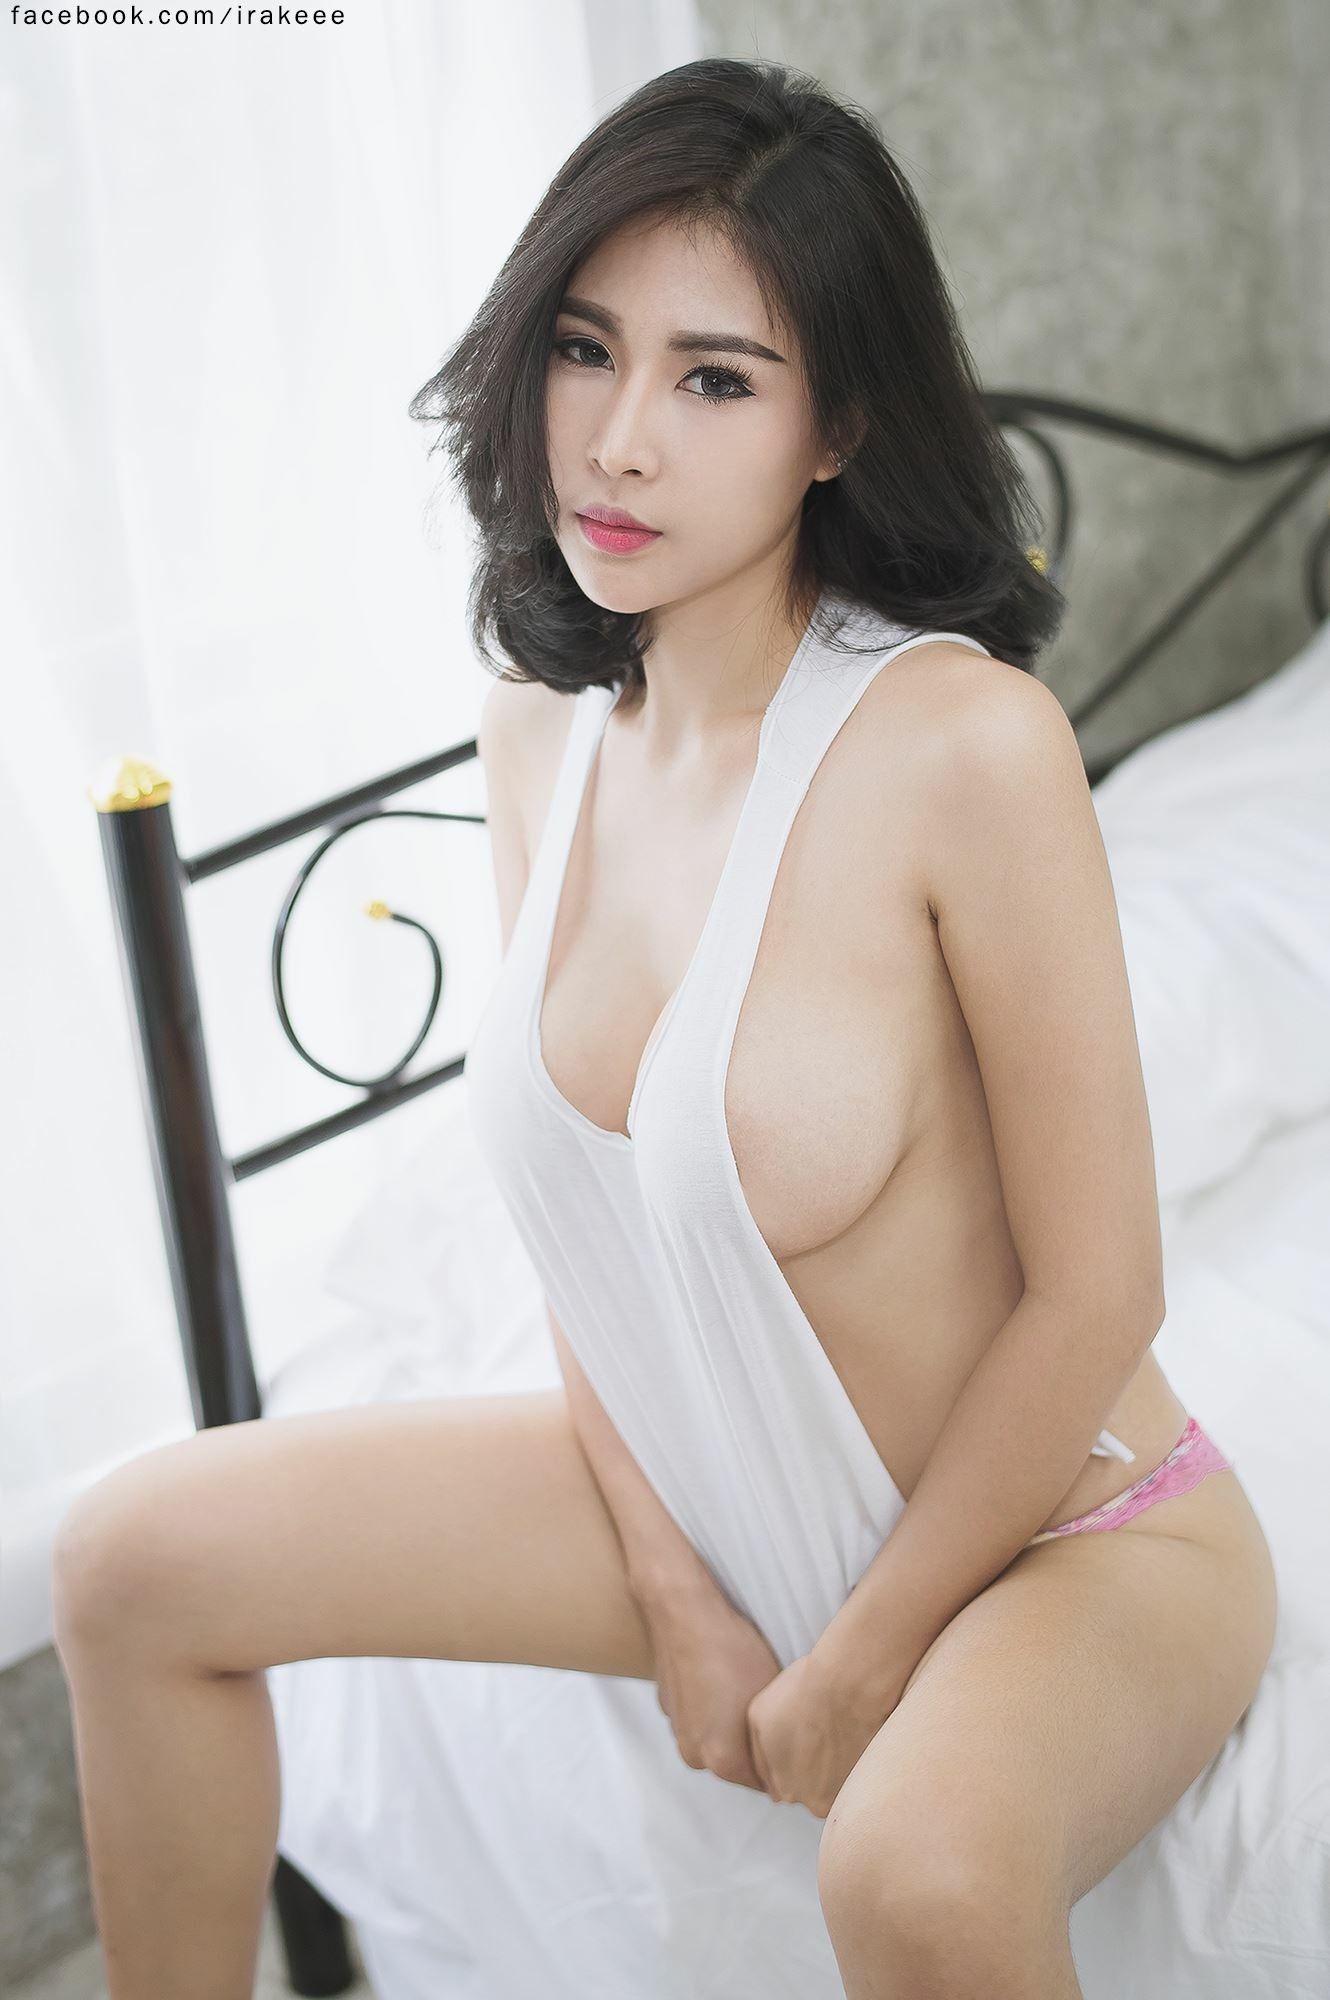 sexy nude oriental women